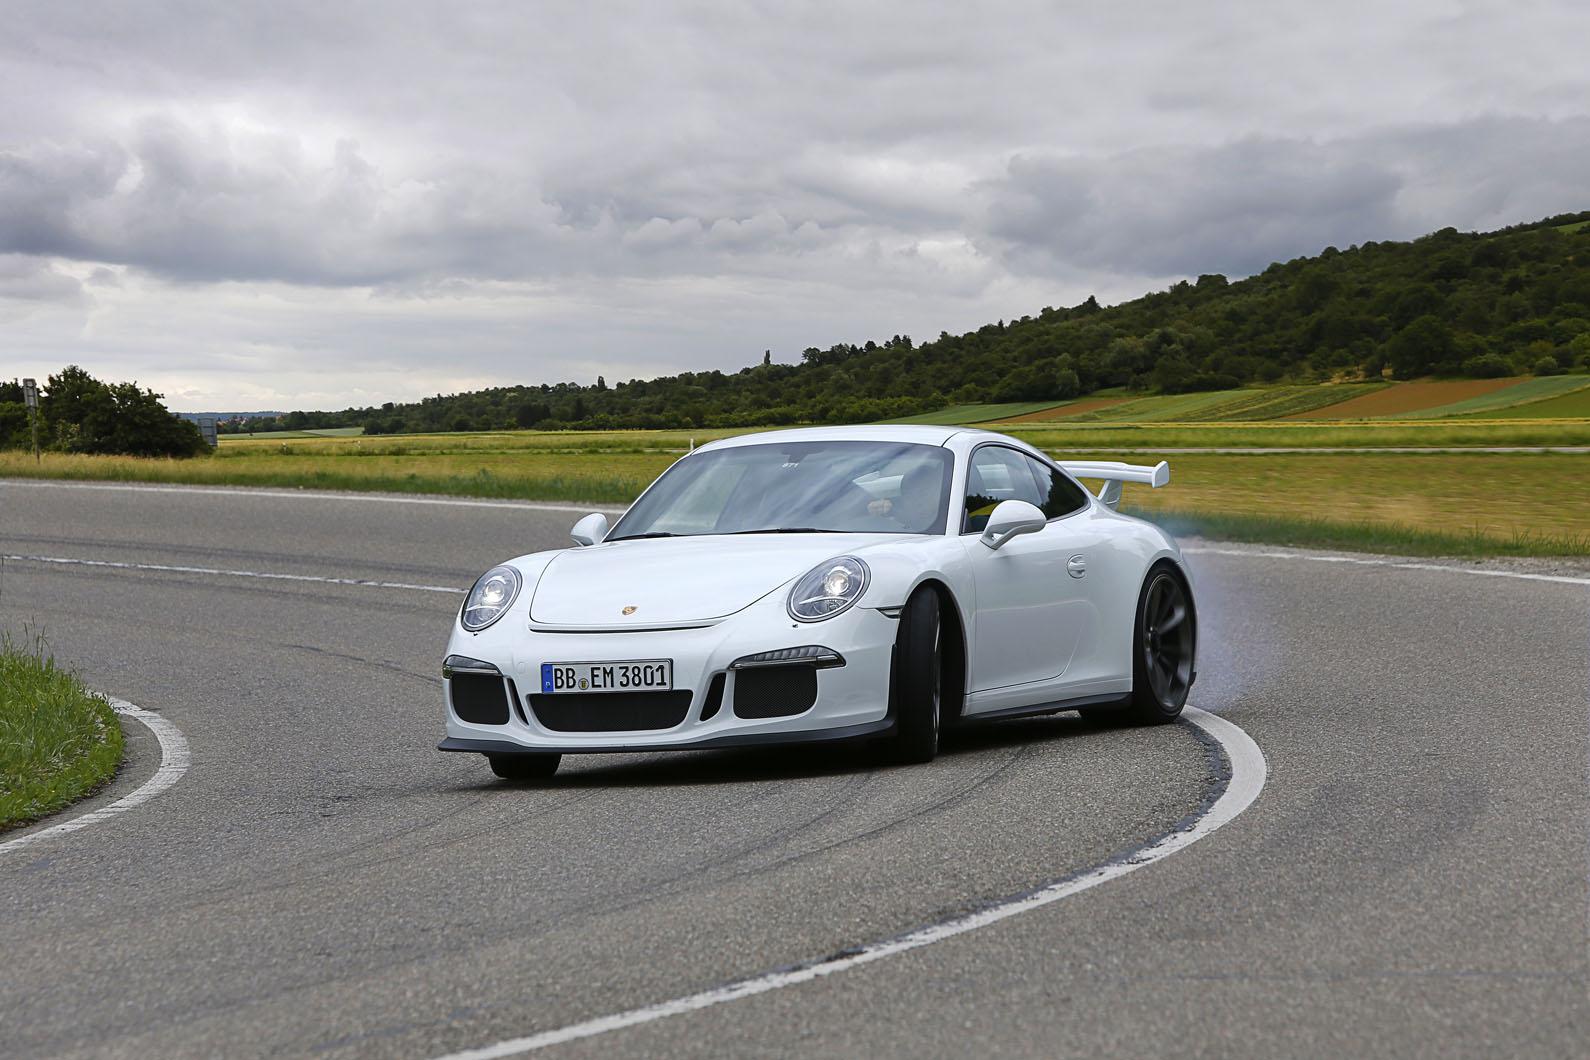 Porsche 911 gt3 rs review 2017 autocar - Porsche 911 Gt3 Rs Review 2017 Autocar 22